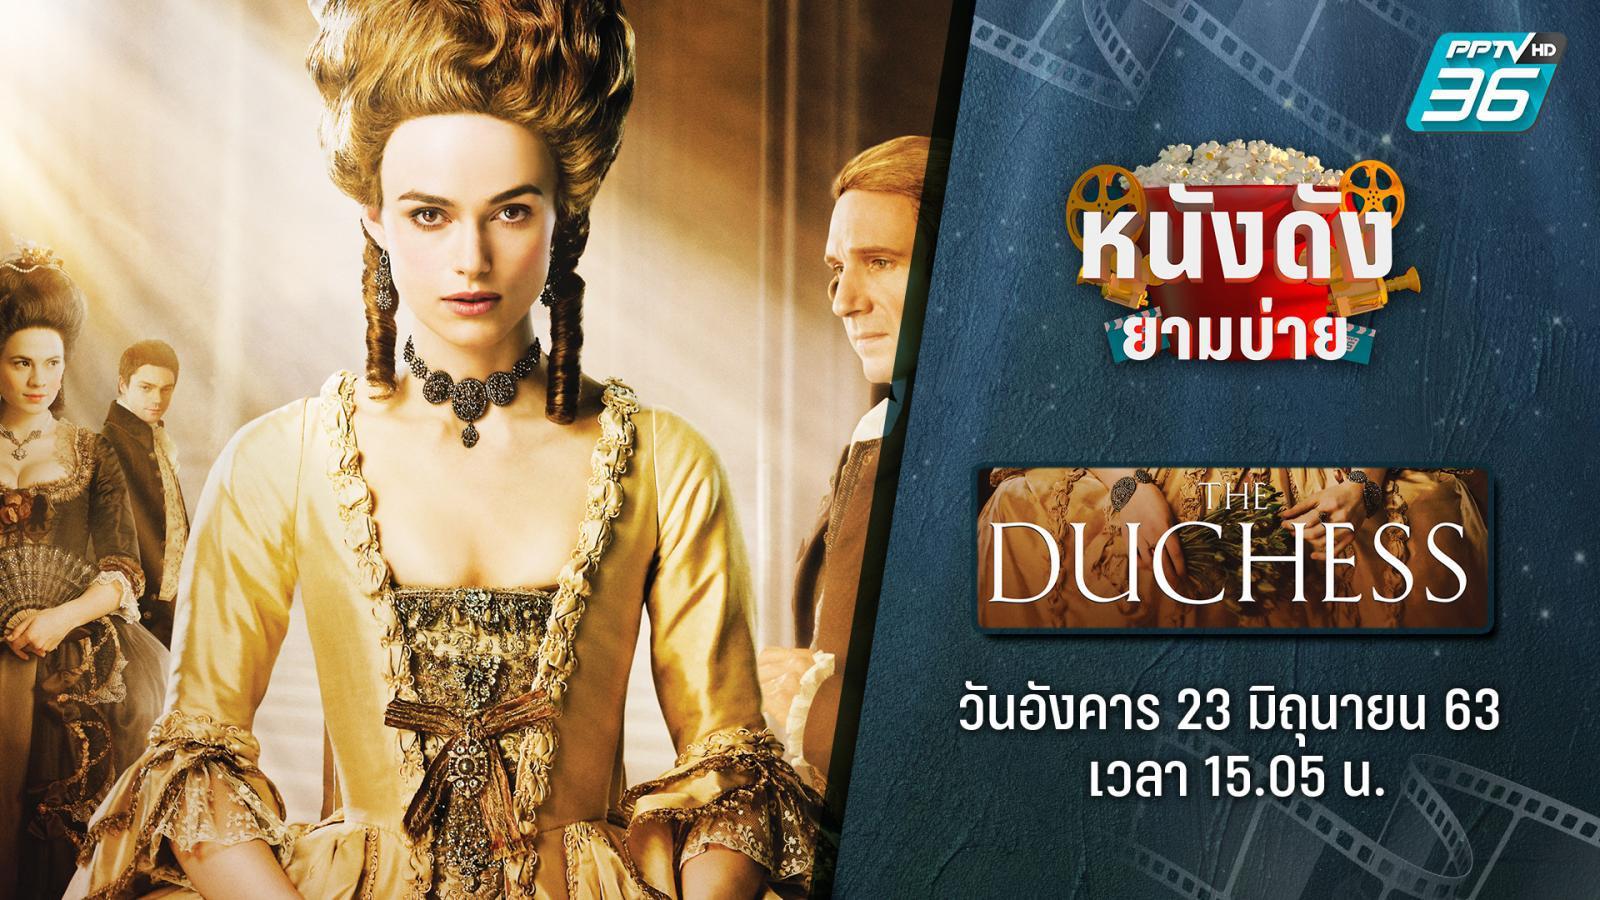 The Duchess พิศวาส อำนาจ ความรัก